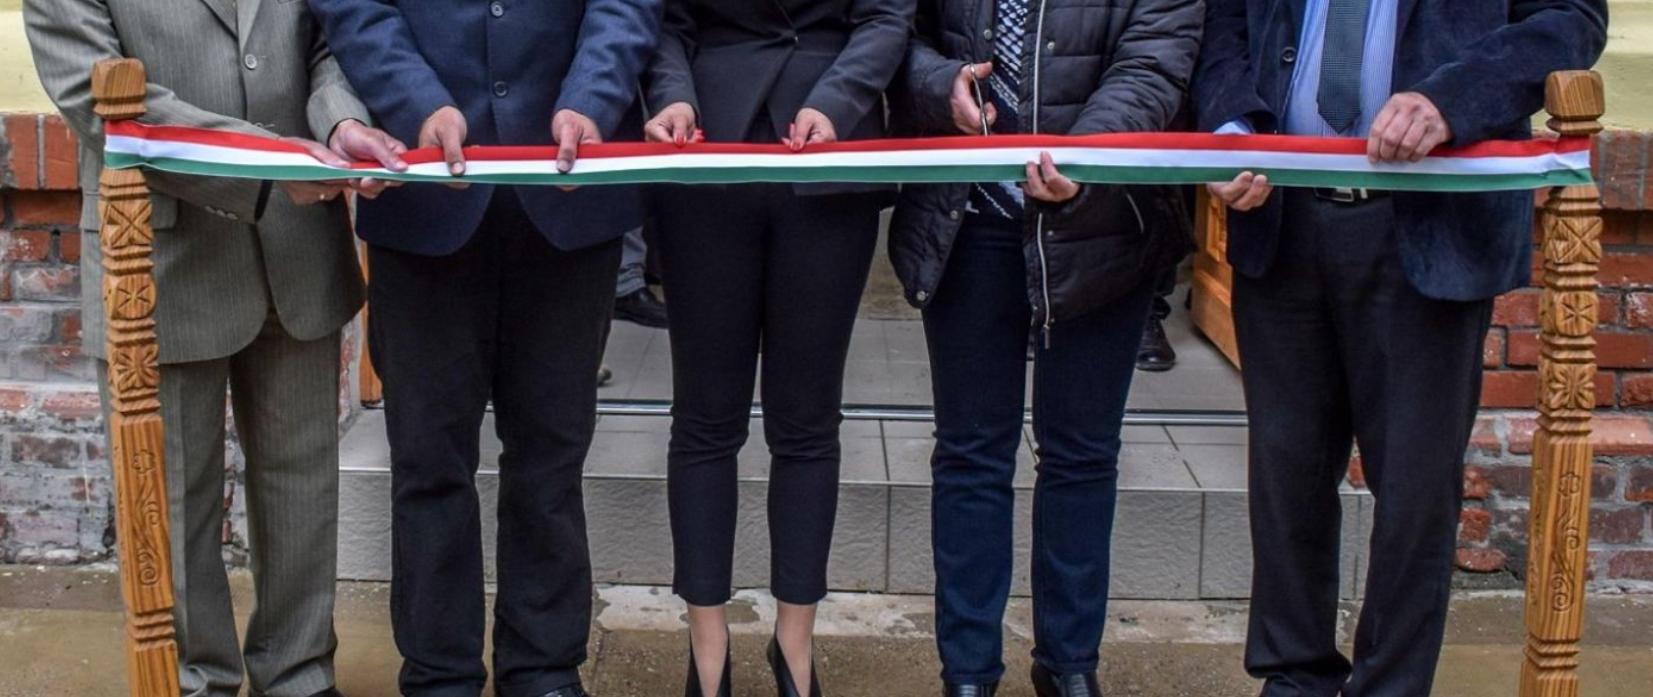 Piszkosul nehéz már újat hozni a politikusok átadnak valamit műfajban, de Tiszaföldvár bebizonyította, hogy nincs lehetetlen